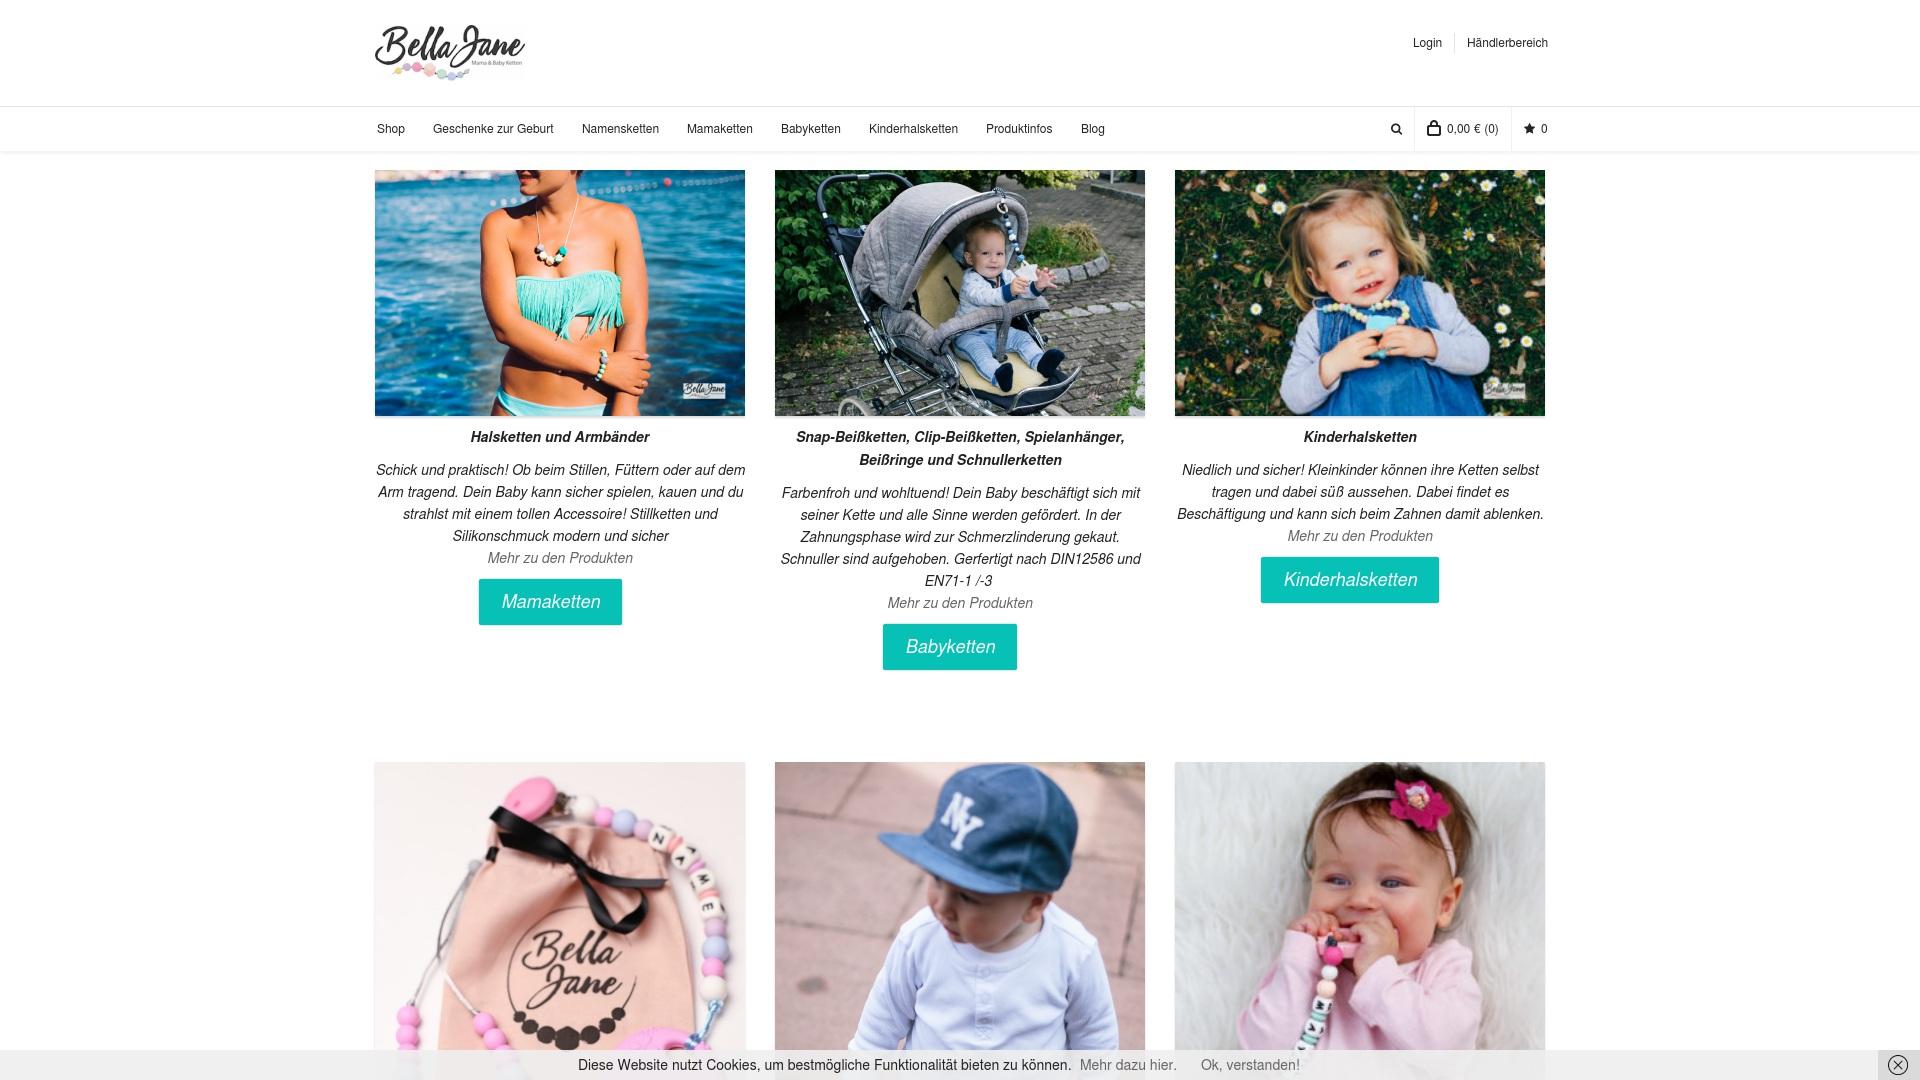 Gutschein für Bellajane-babyshop: Rabatte für  Bellajane-babyshop sichern